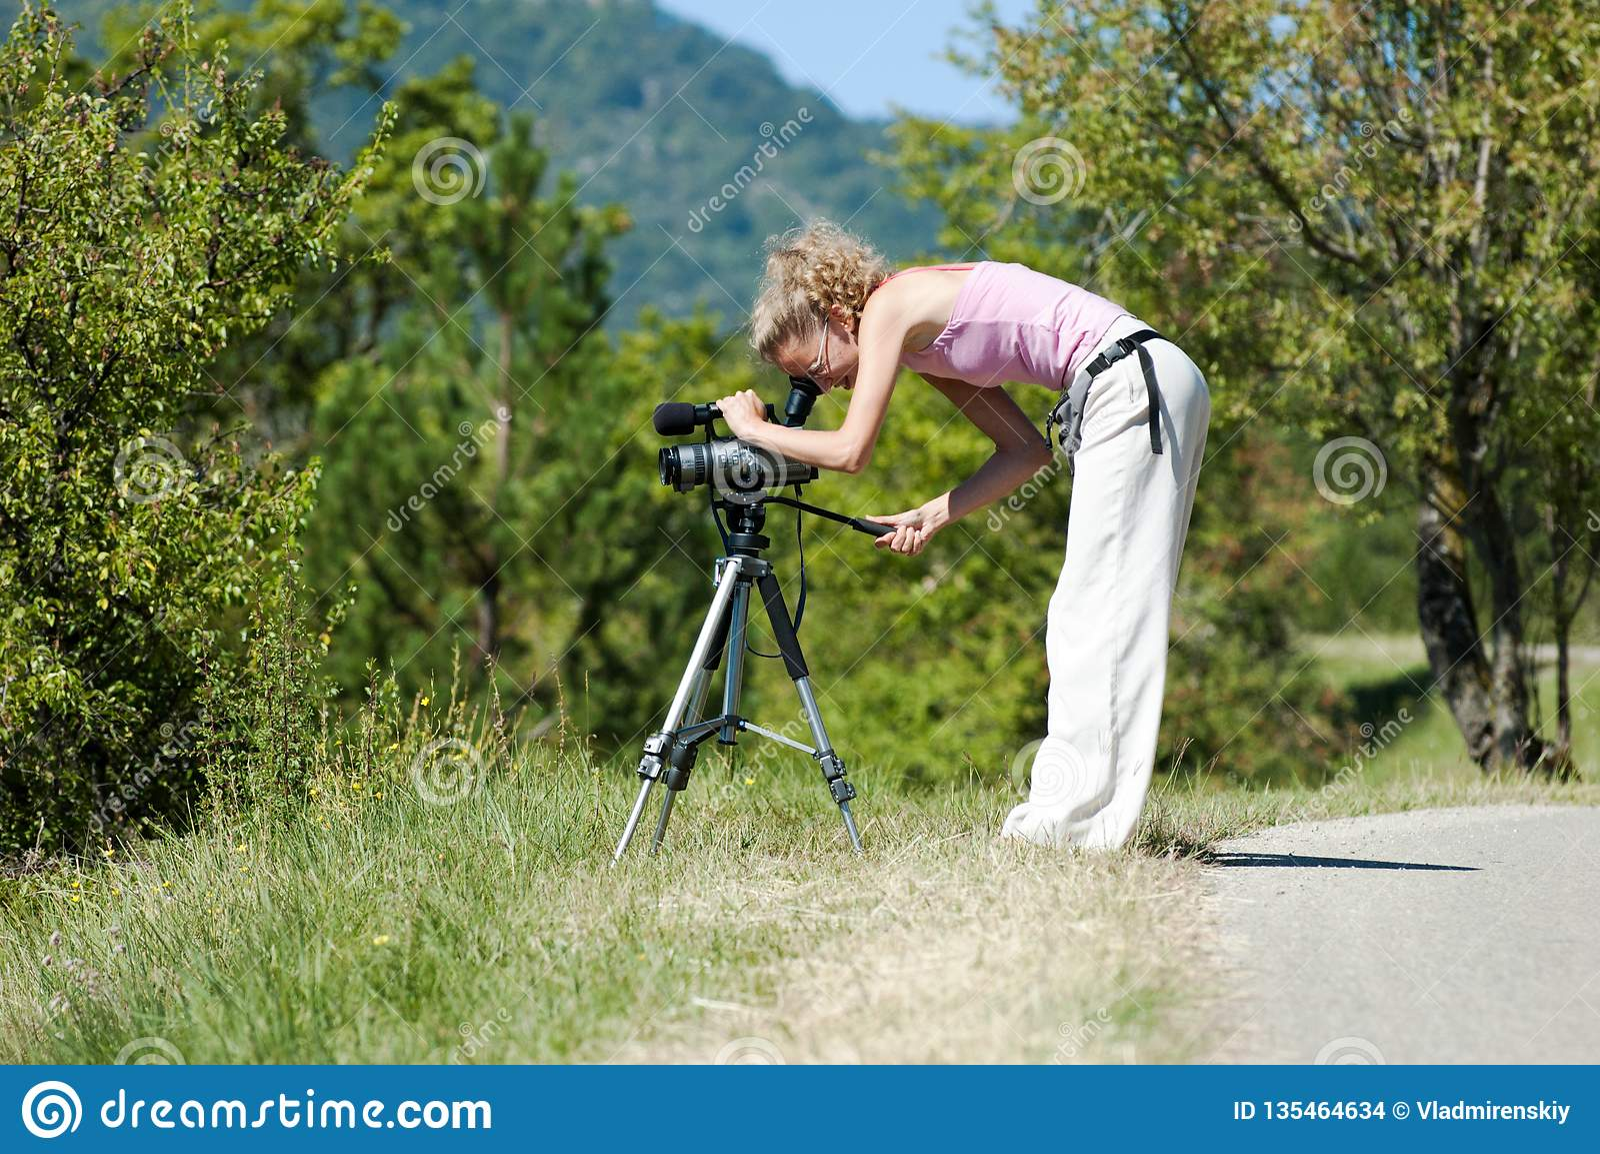 Το κορίτσι εξετάζει τη κάμερα σε ένα τρίποδο στο υπόβαθρο των πράσινων δέντρων και των βουνών μια ηλιόλουστη θερινή ημέρα